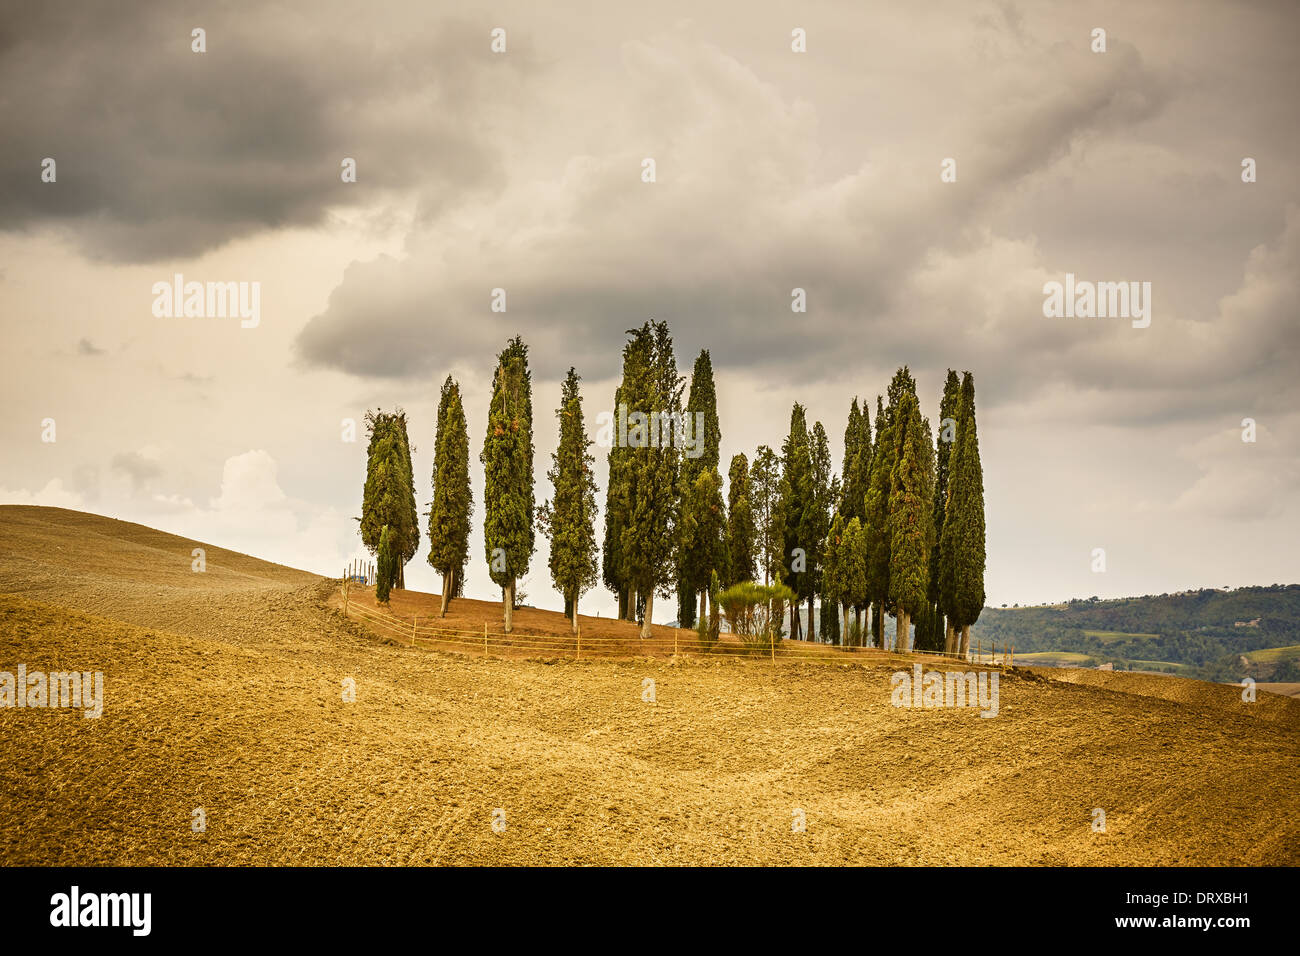 Tuscany landscape - Stock Image